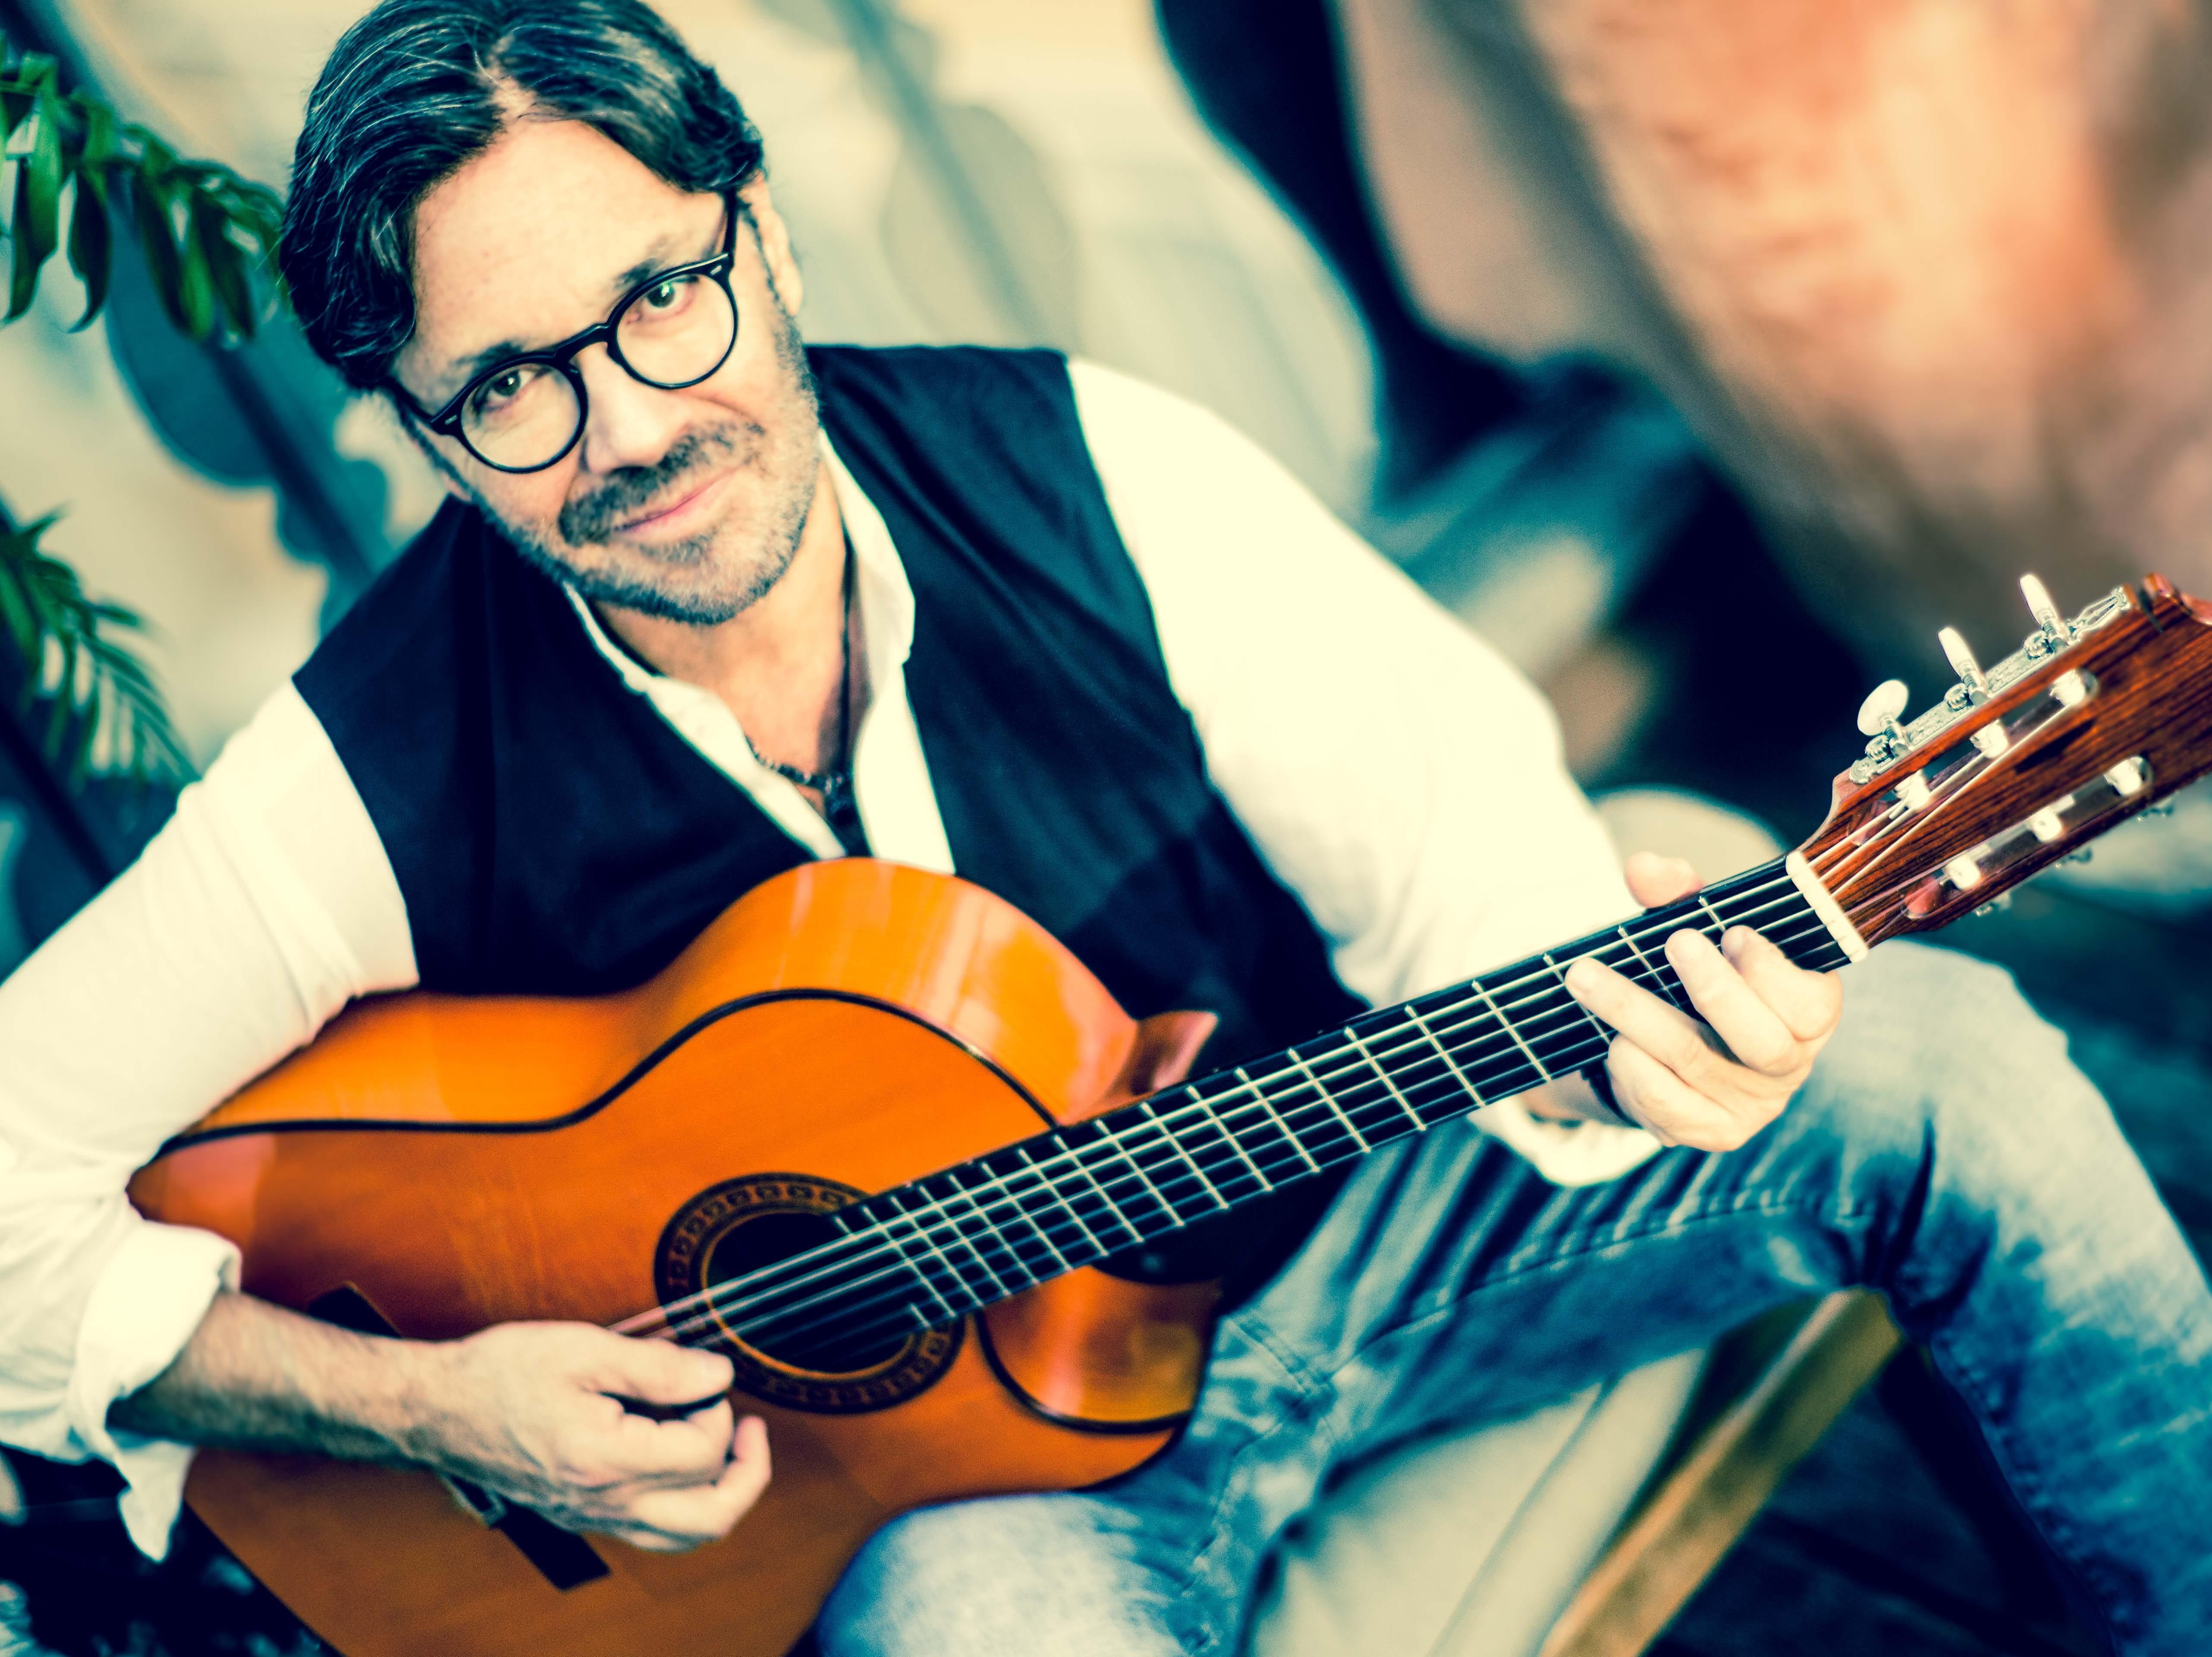 Guitar great Al Di Meola will perform in Bonita Springs on Saturday